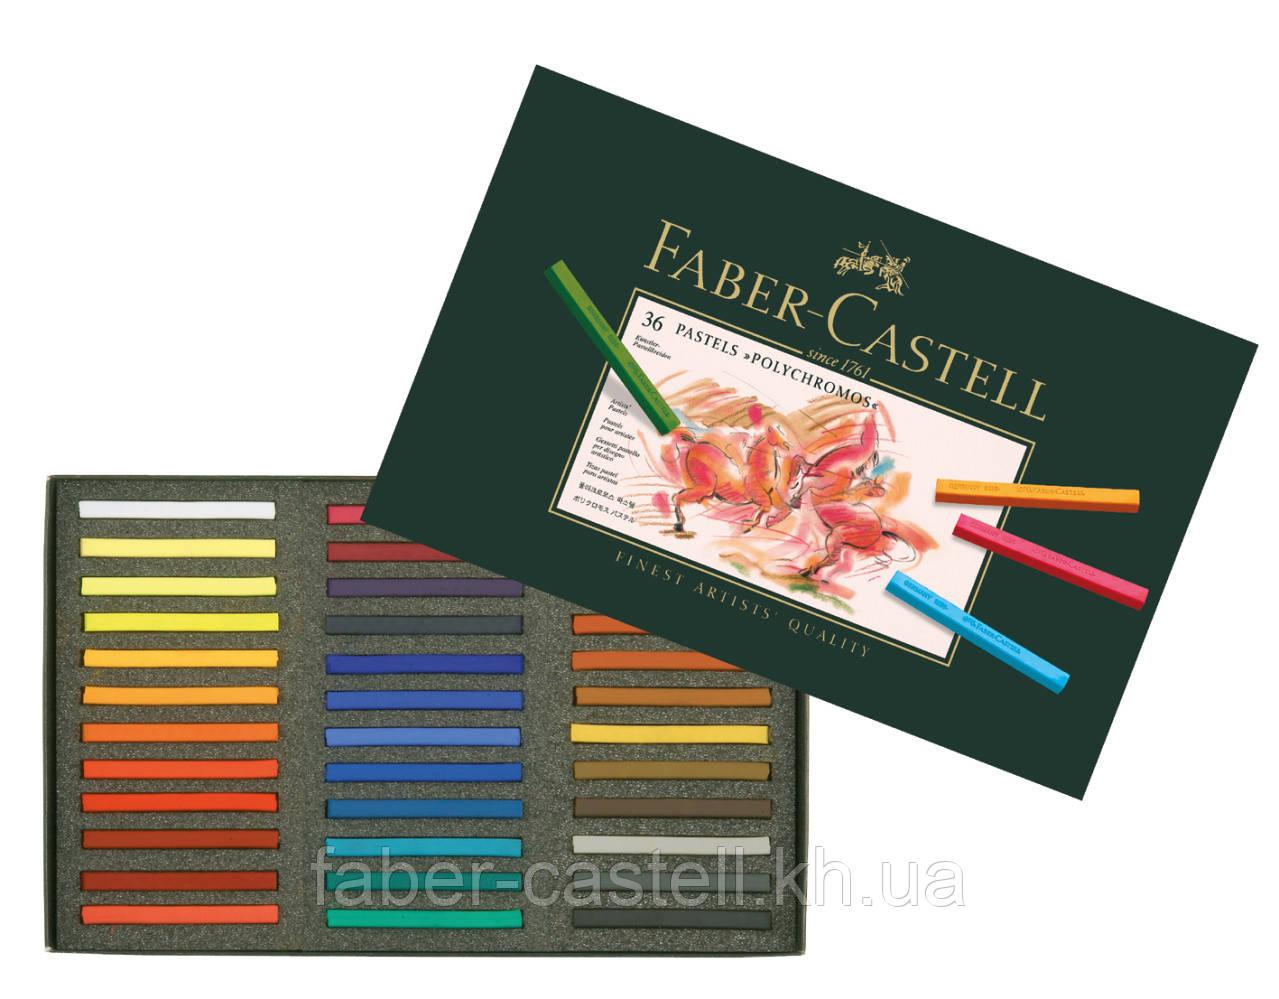 Сухая пастель Faber-Castell POLYCHROMOS 36 цветов  в картонной коробке, 128536